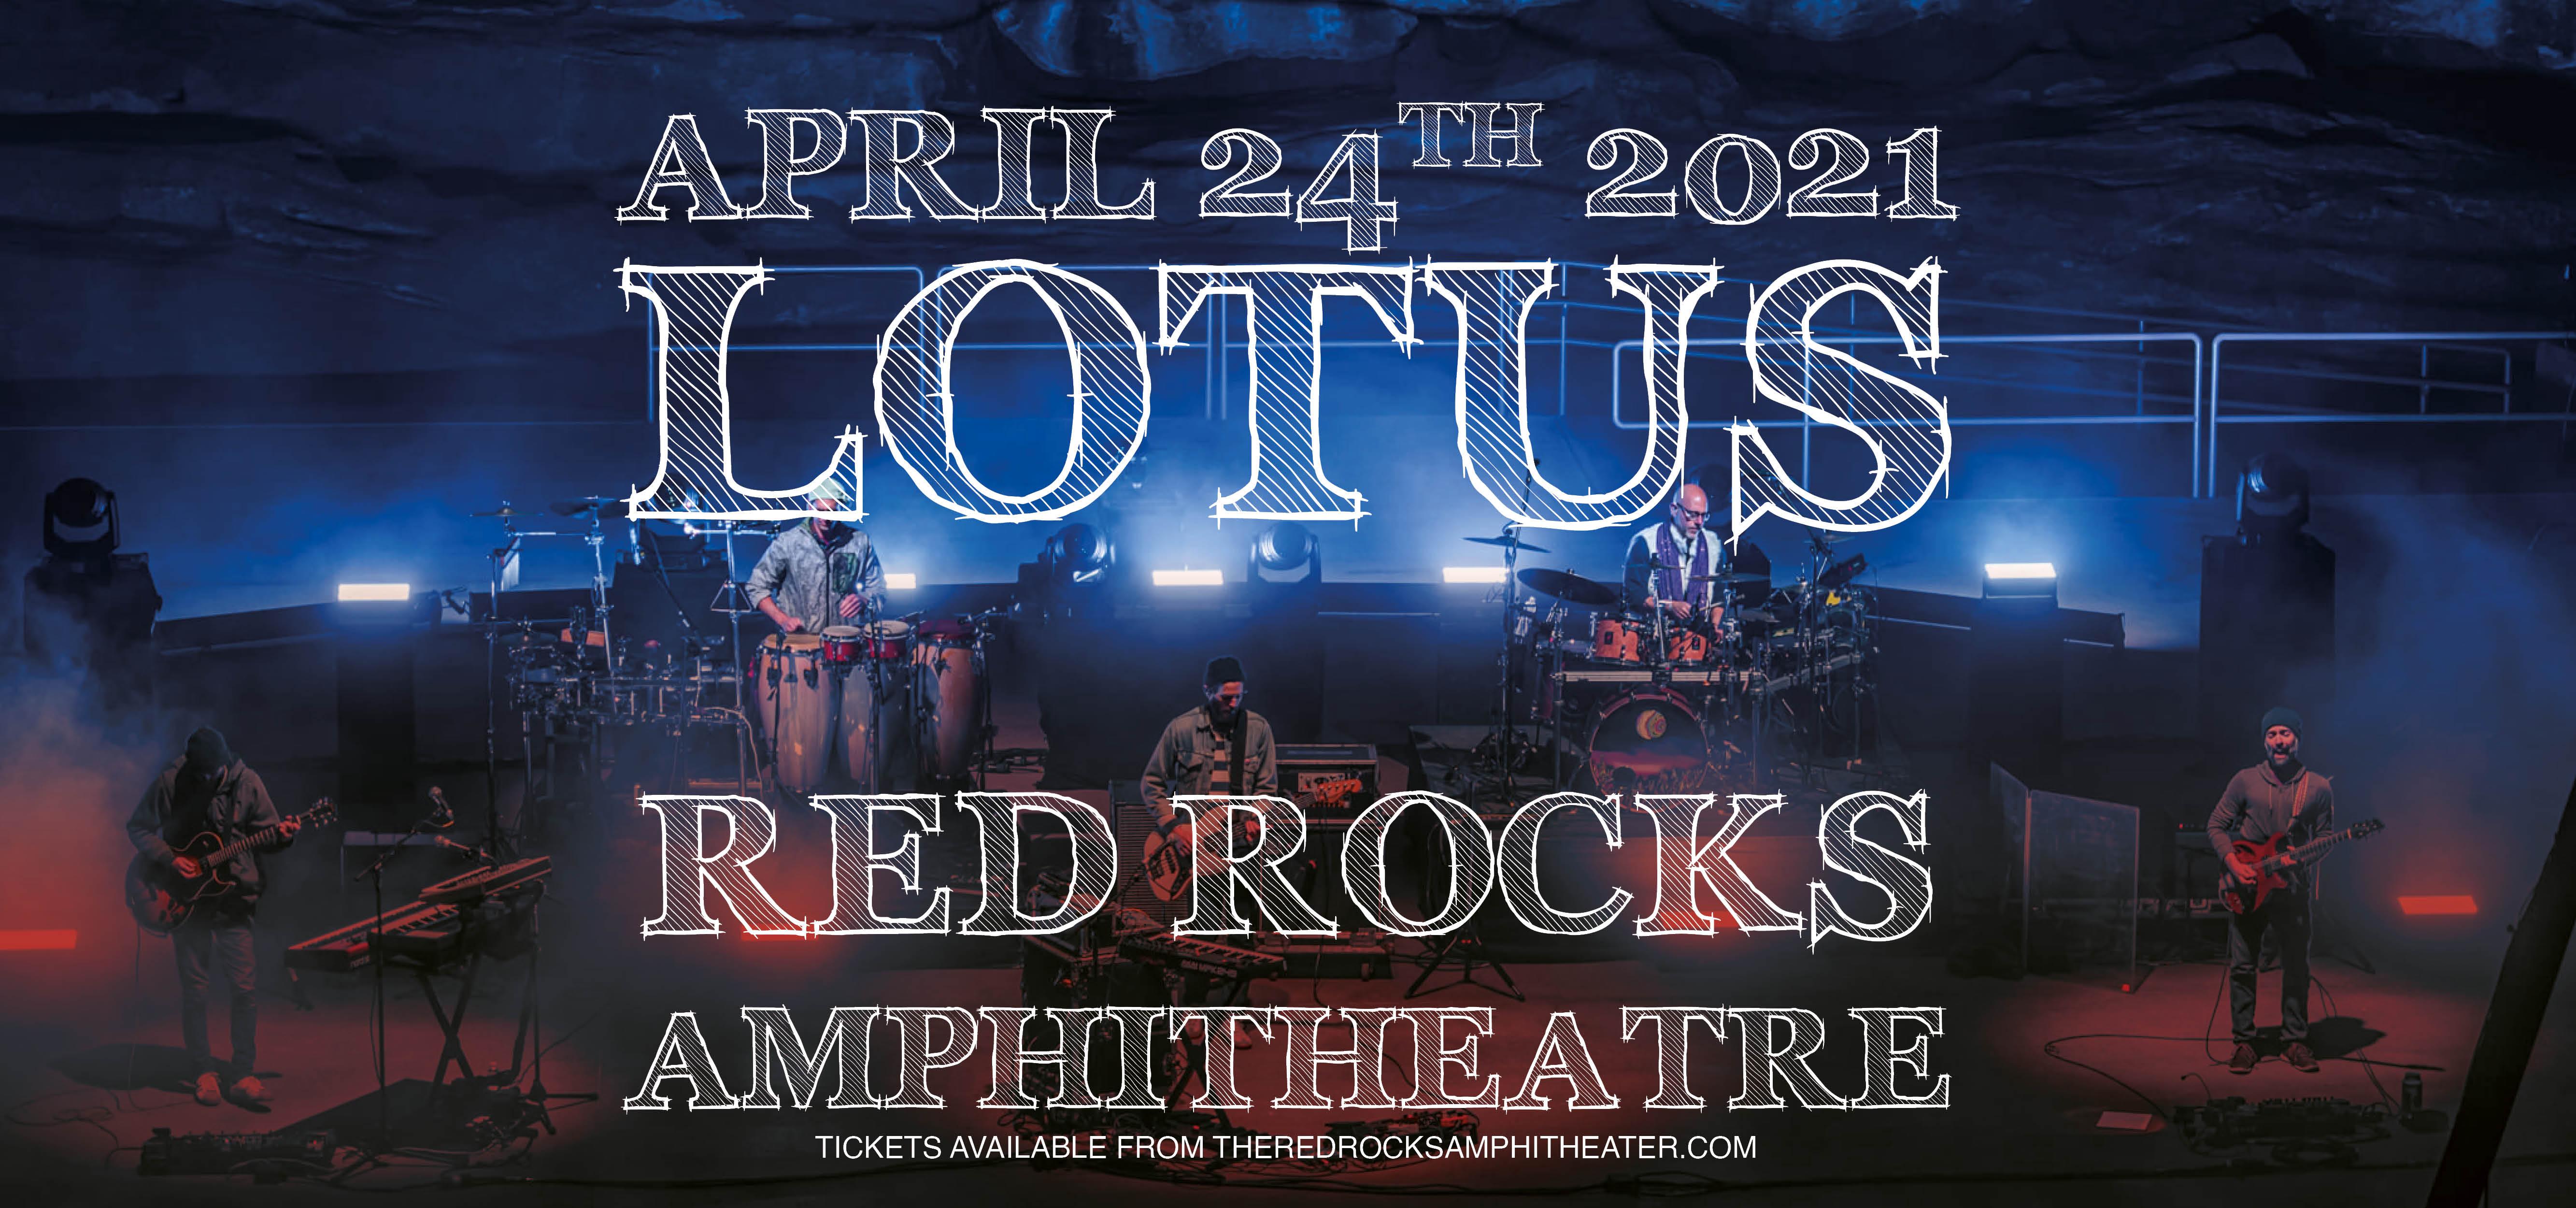 Lotus at Red Rocks Amphitheater